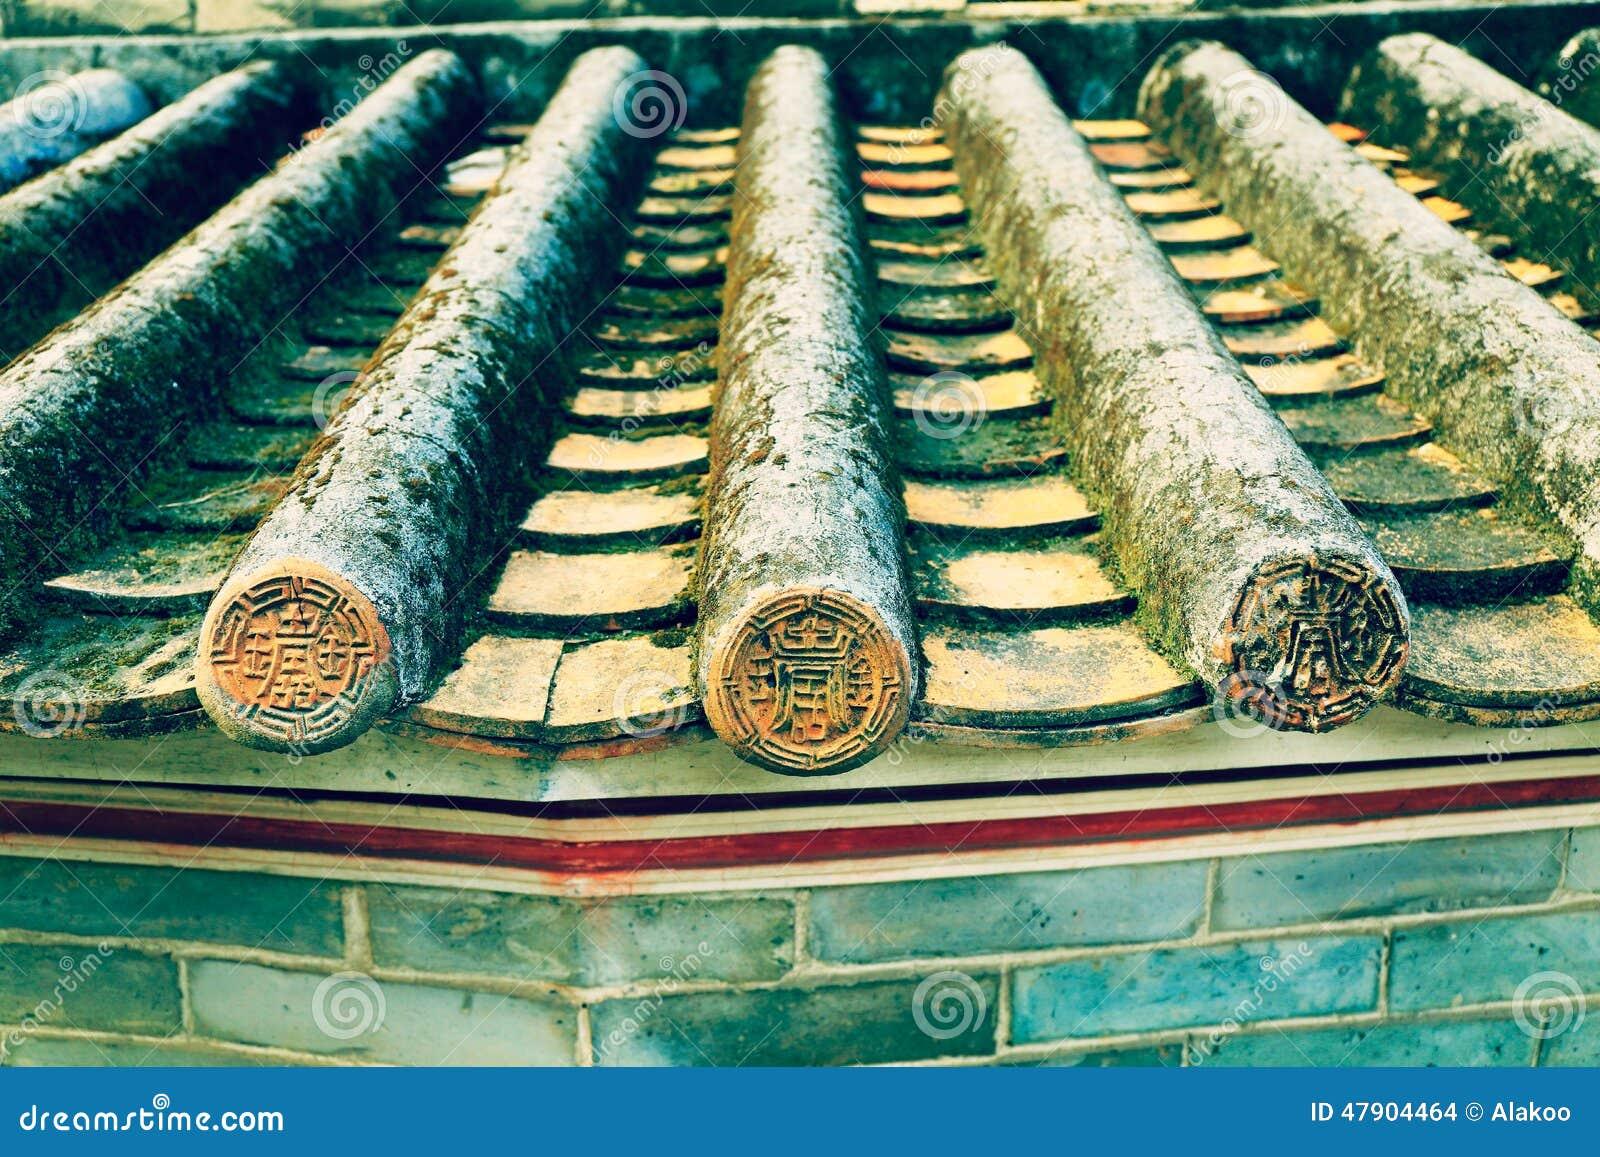 Klassisches mit Ziegeln gedecktes Dach in China, altes Dach des traditionellen Chinesen mit Fliesen